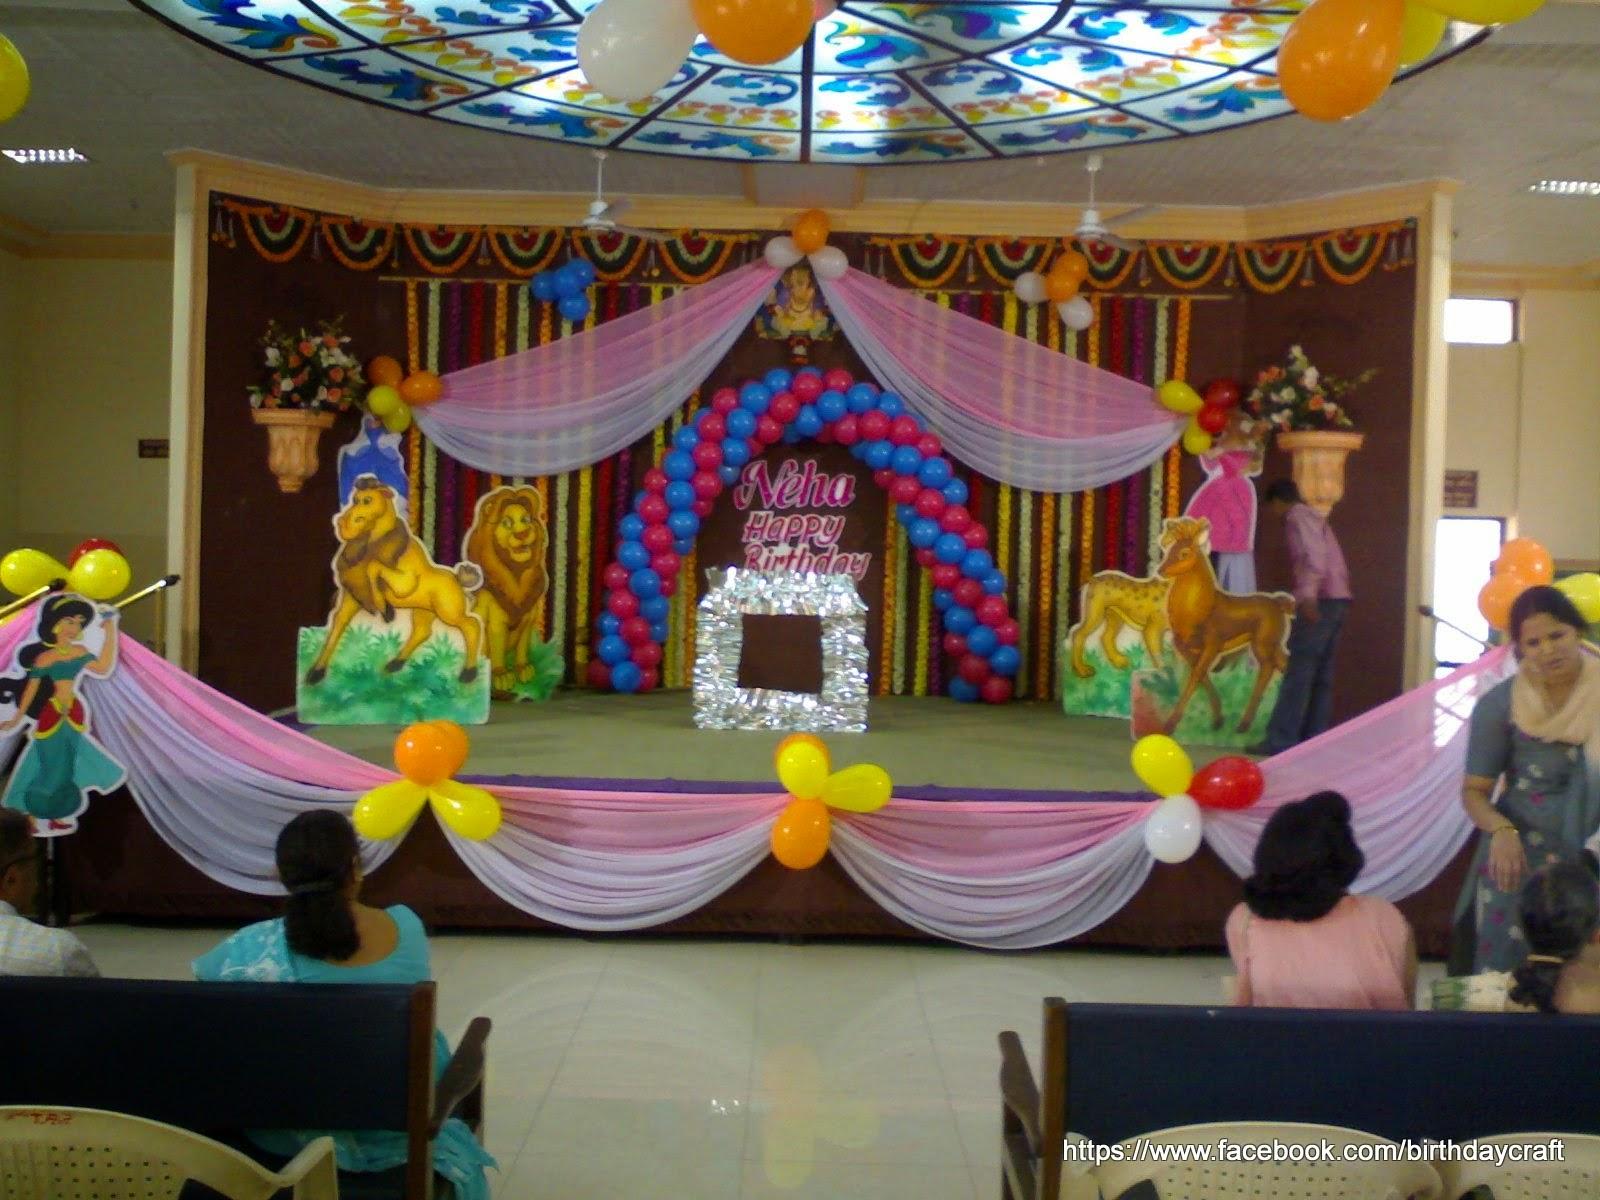 Pune Premier Children Birthday Party Planners Birthday Craft - Childrens birthday party planners